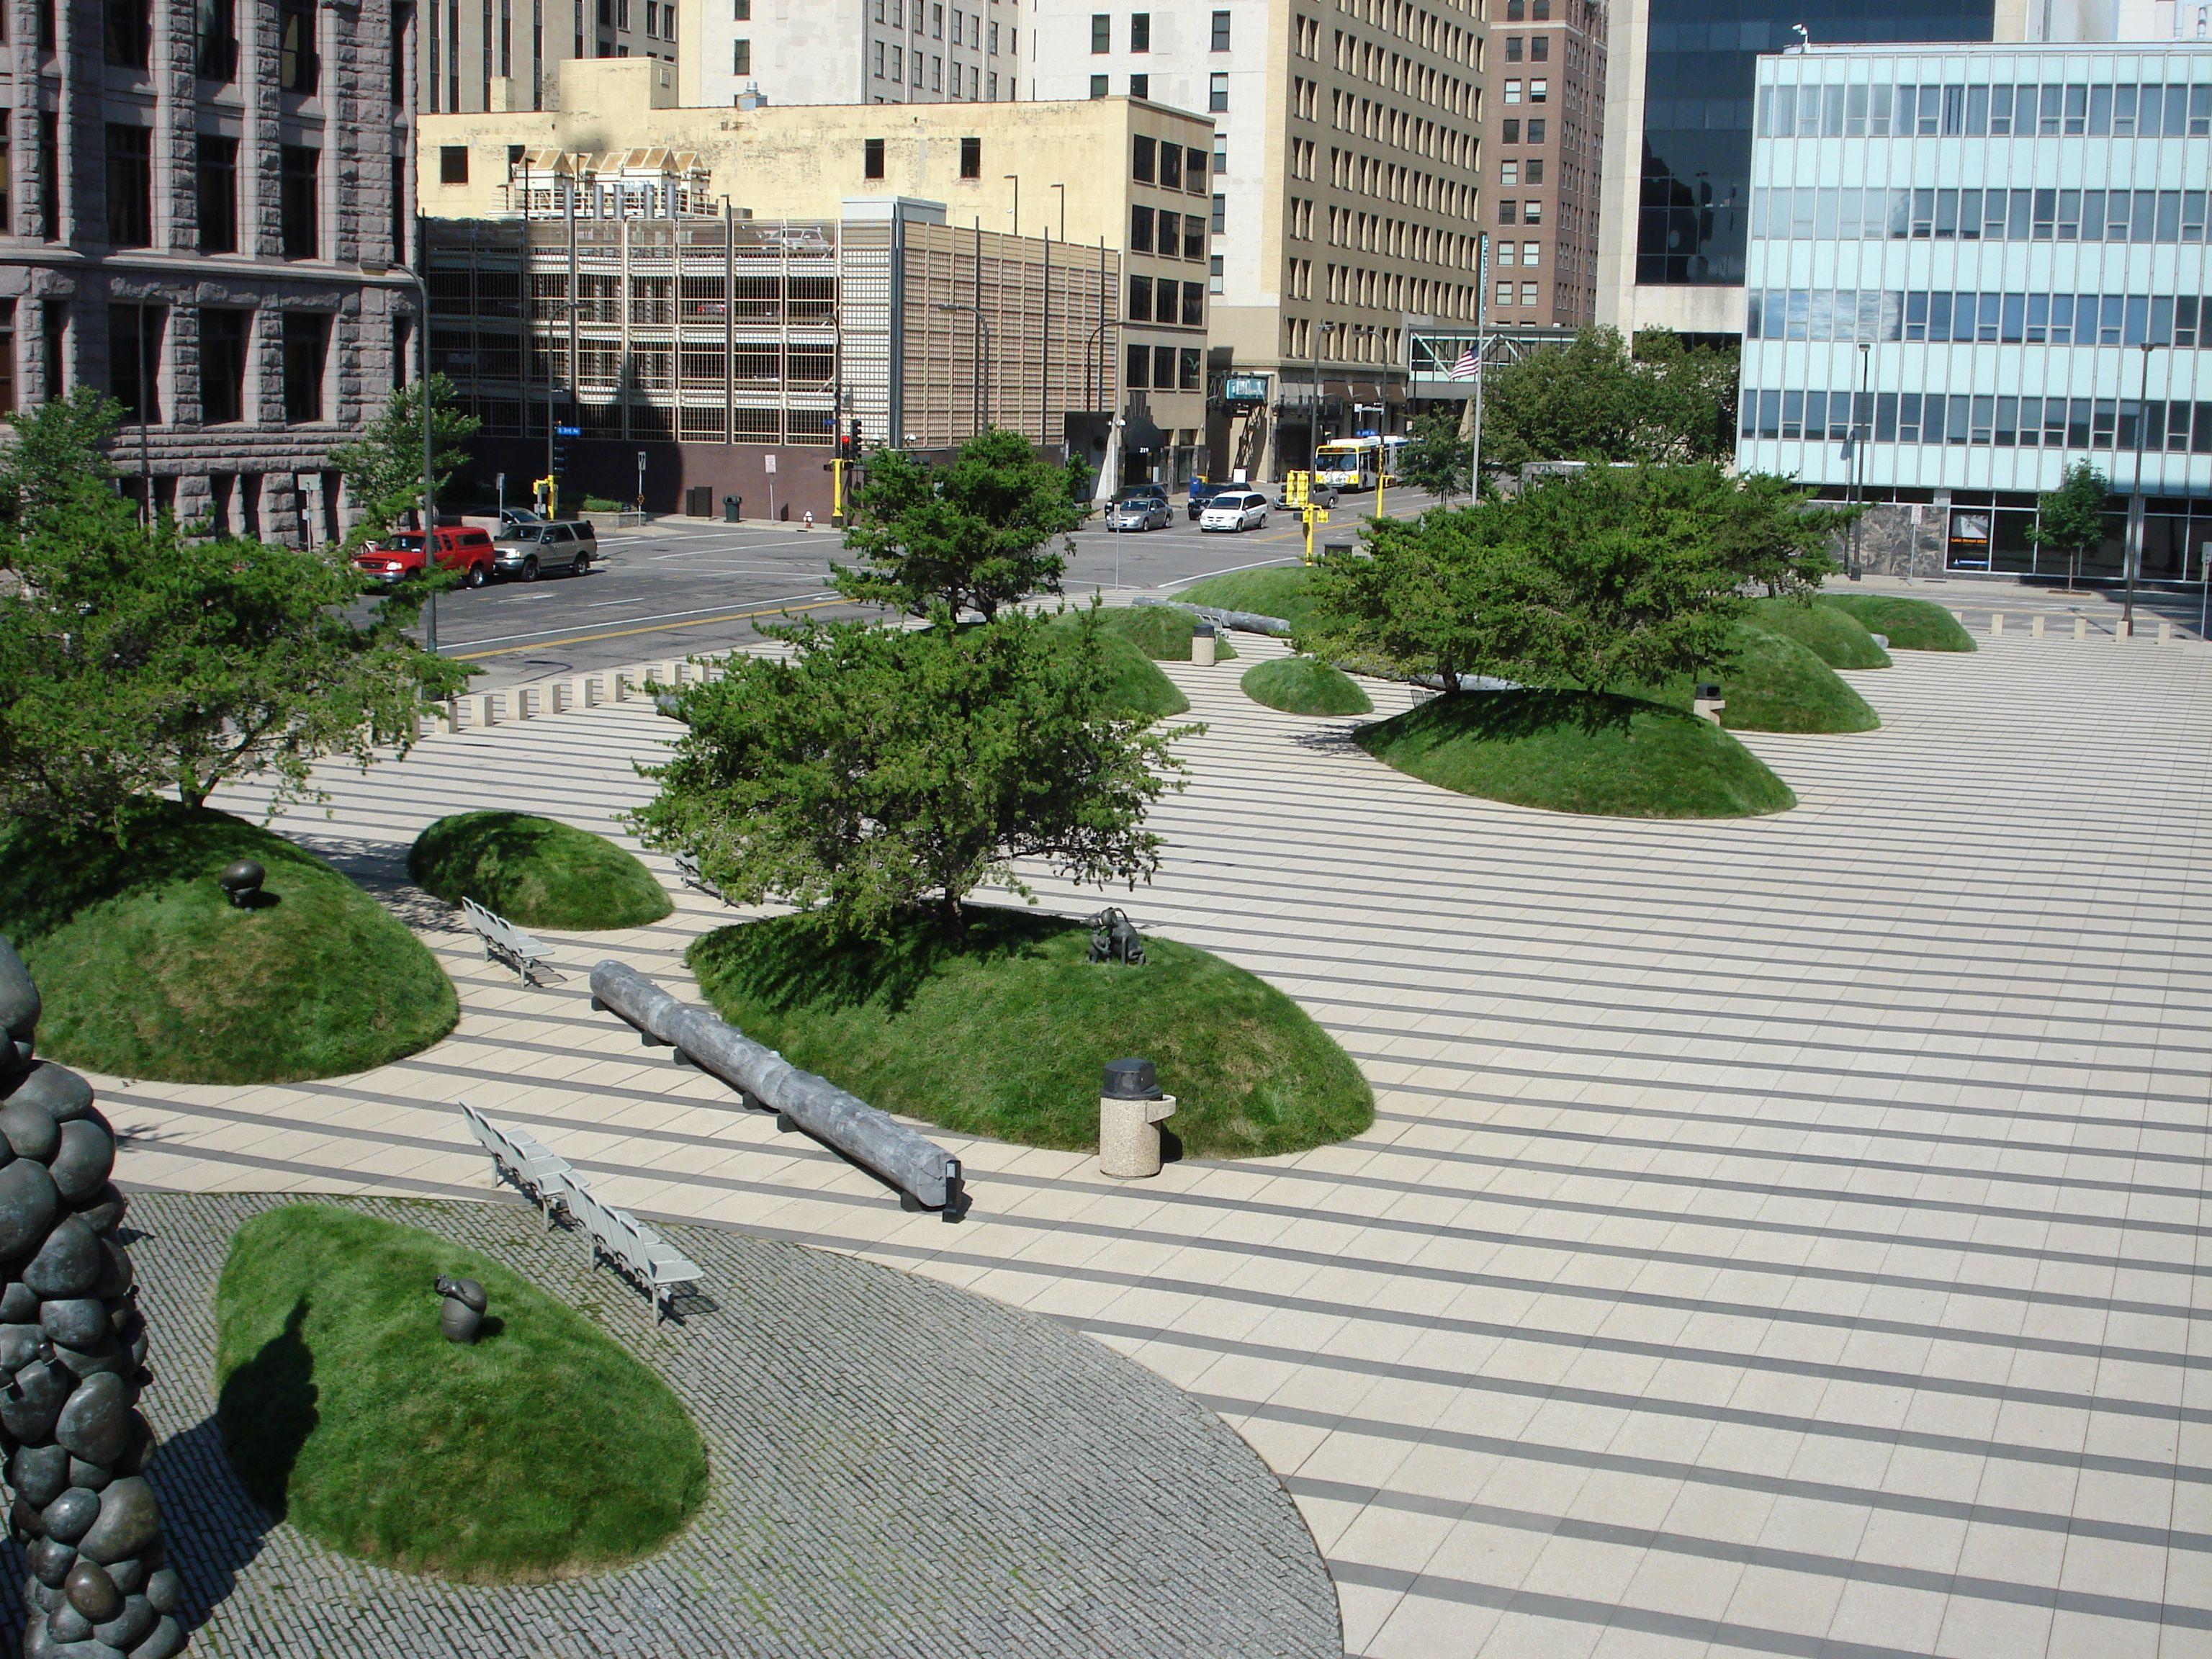 minneapolis courthouse plaza. minneapolis